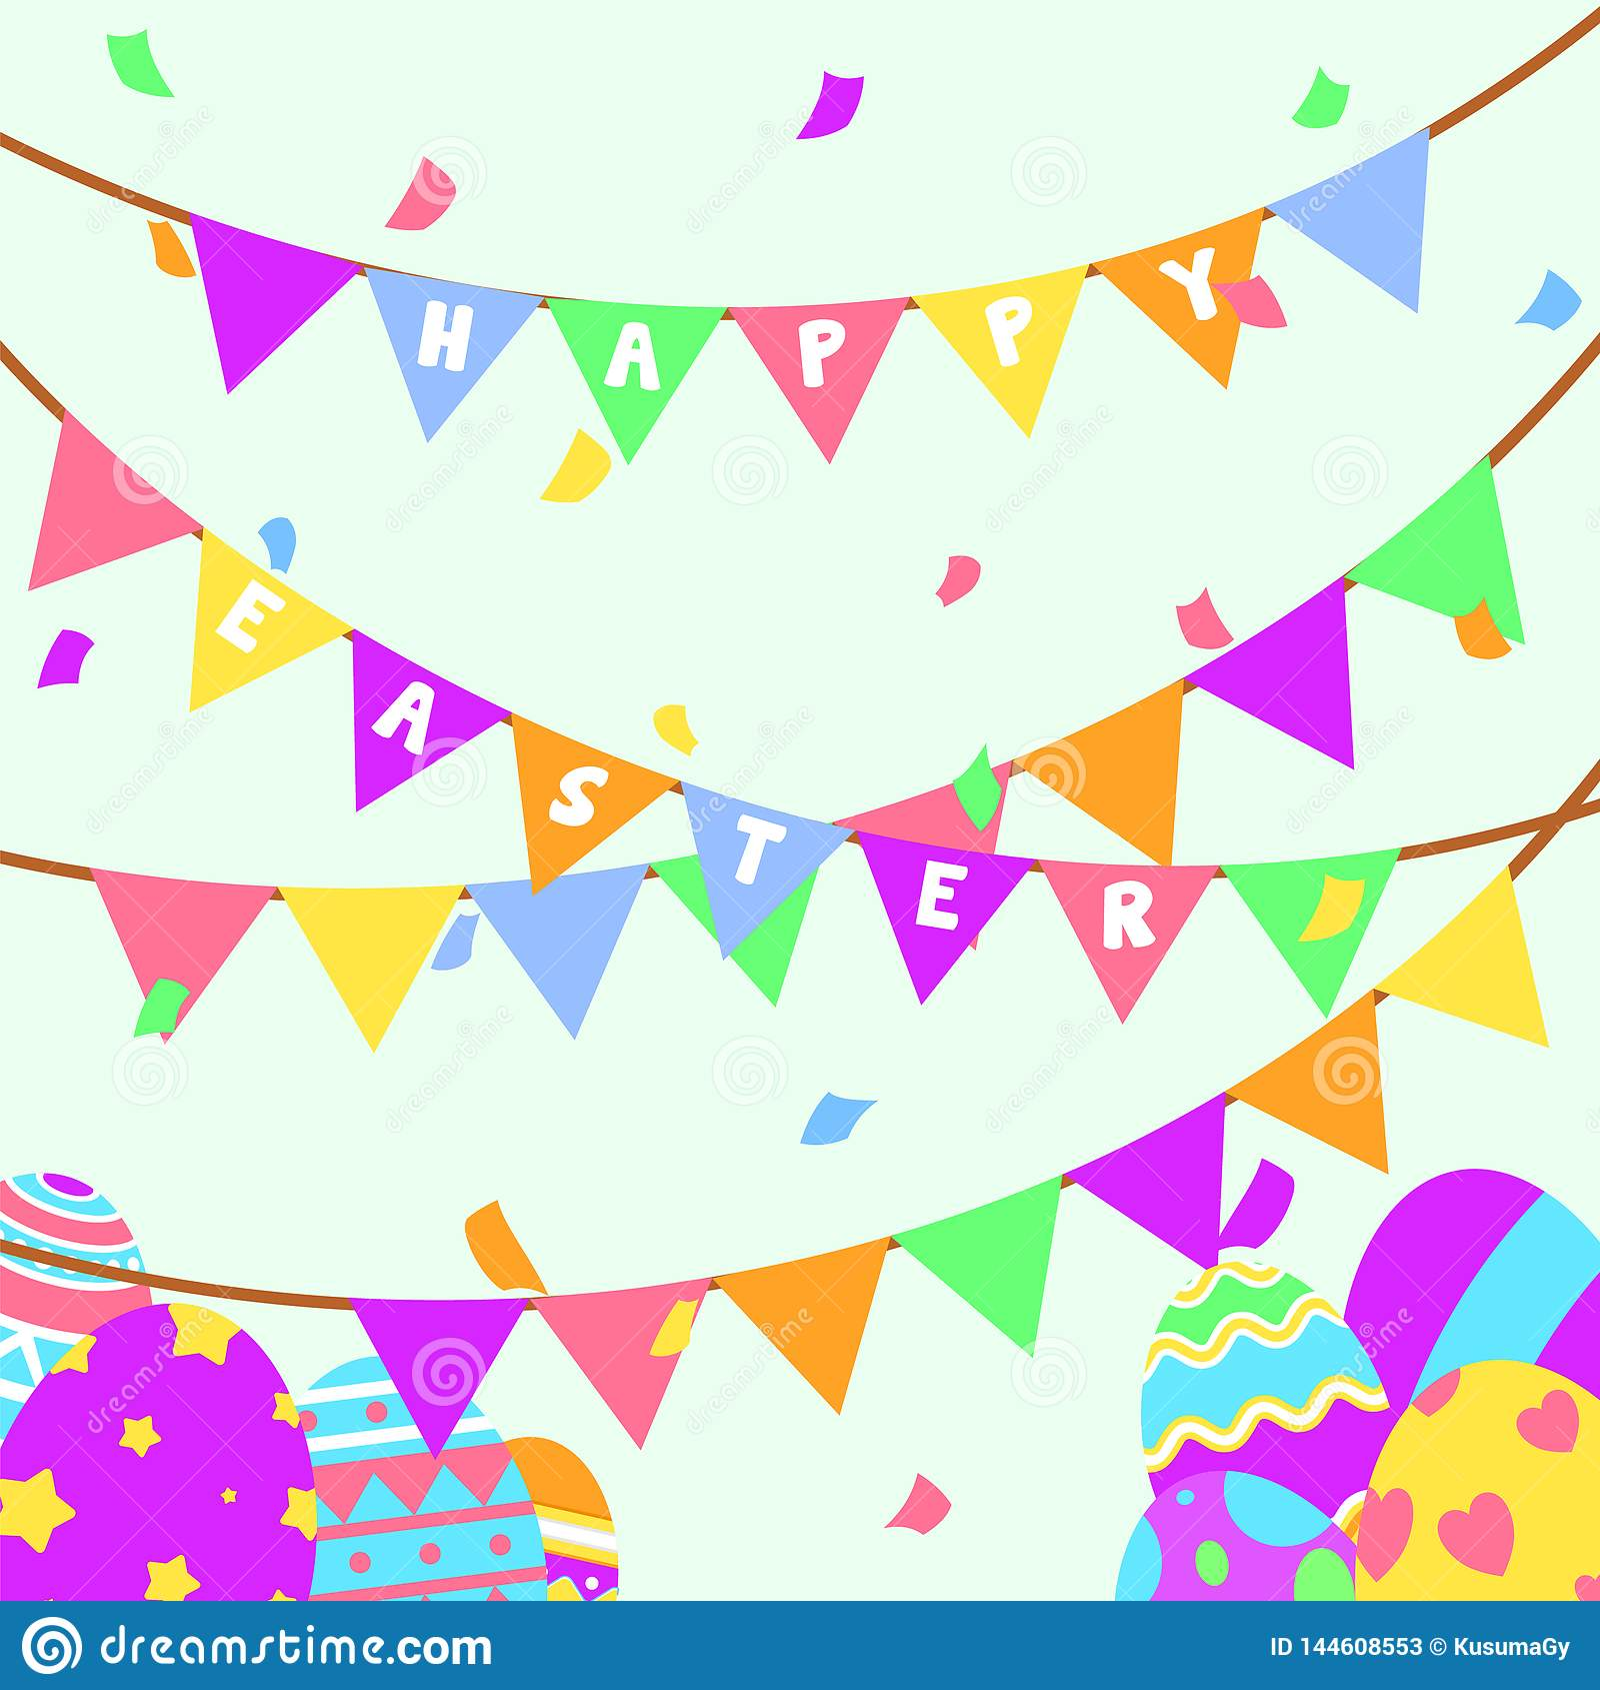 Αστεία και ζωηρόχρωμα ευτυχή ευχετήρια κάρτα και κόμμα Πάσχας με την απεικόνιση των αυγών, του εμβλήματος, της σημαίας, του κόμμα